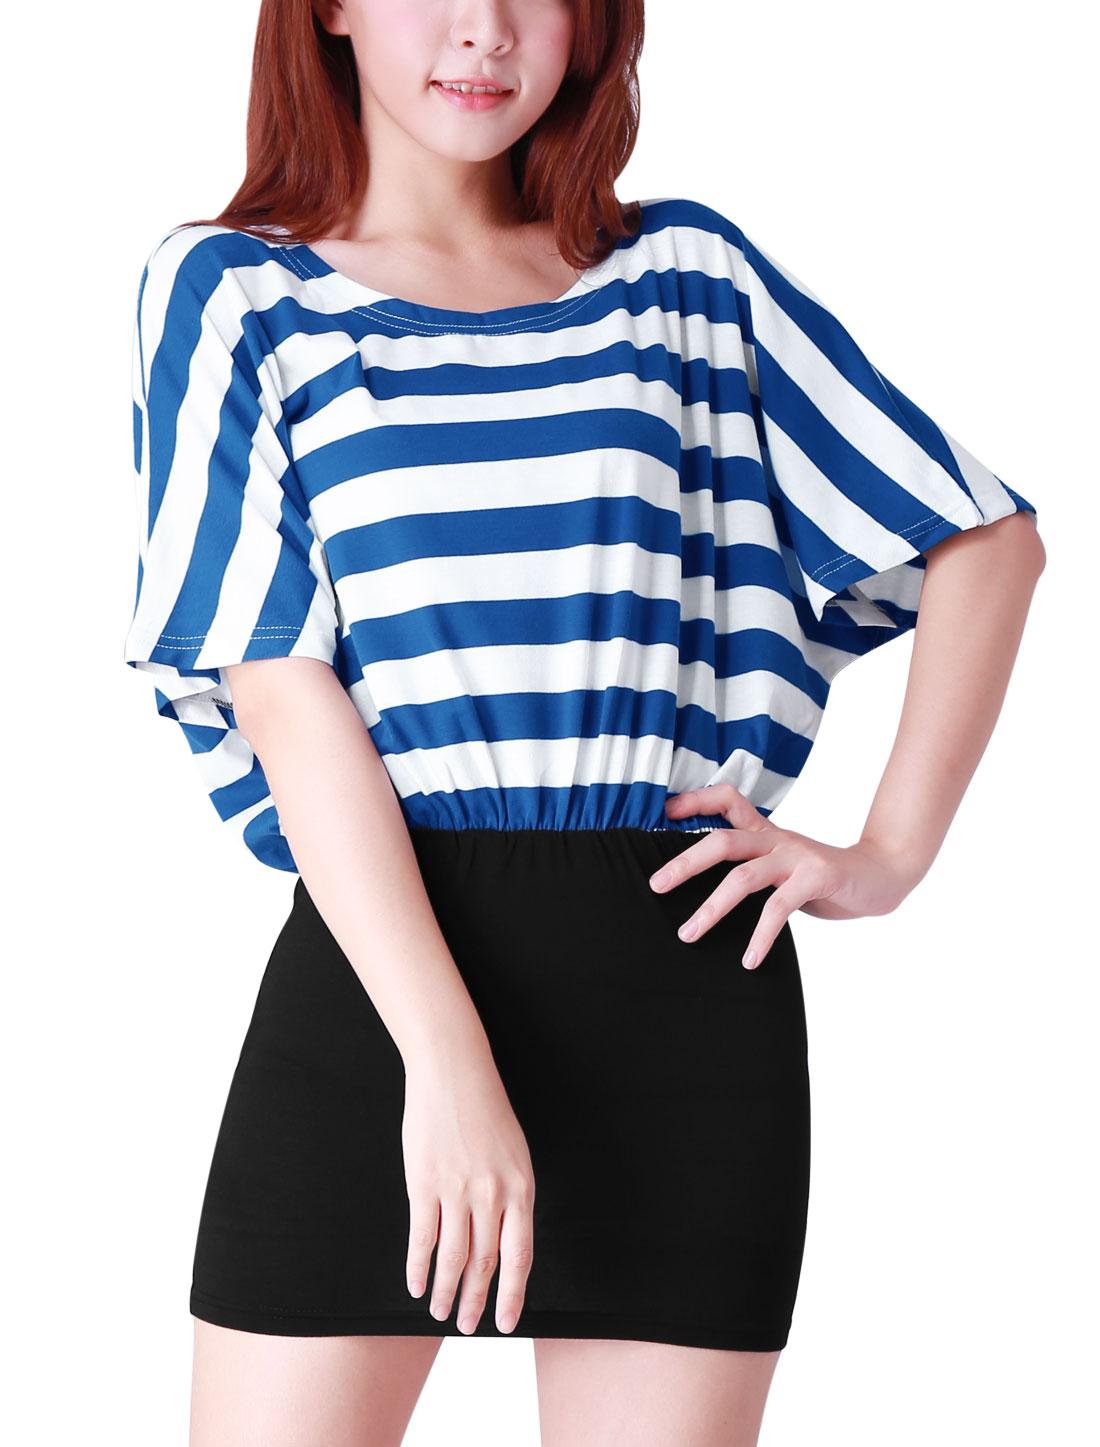 Woman New Fashion Dark Blue Black Splice Casual Mini Dress L